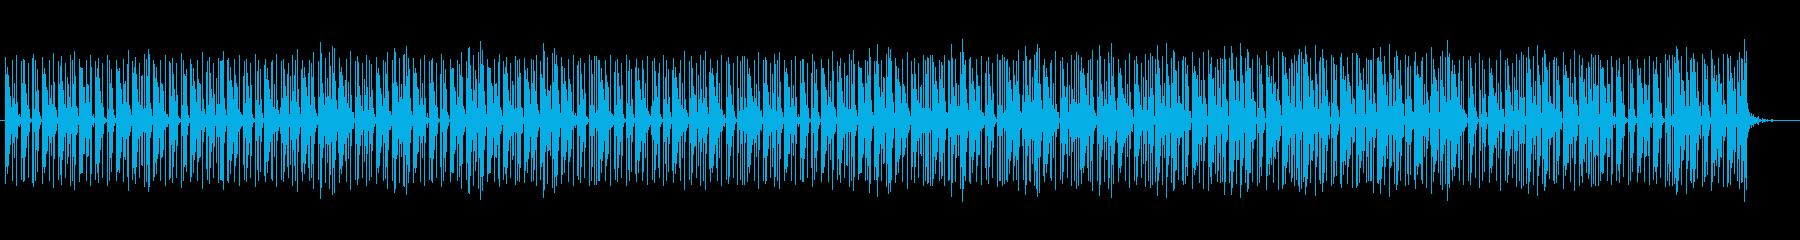 ほのぼのした雰囲気の民族音楽の再生済みの波形